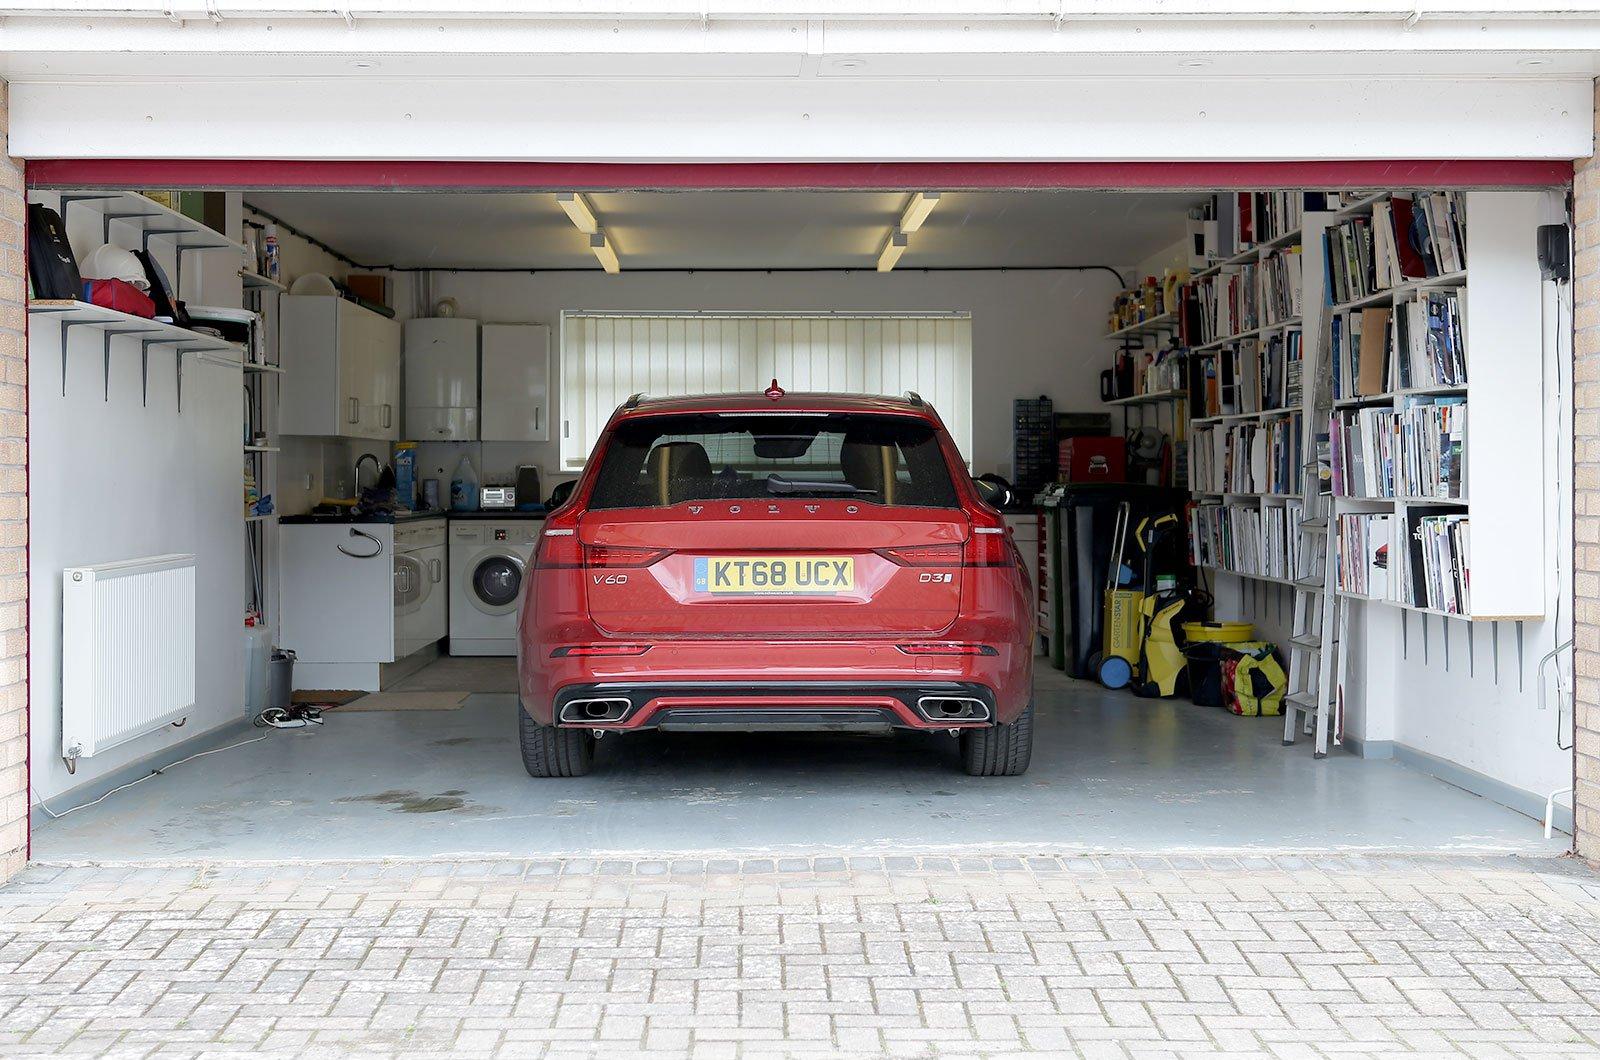 Car in a garage